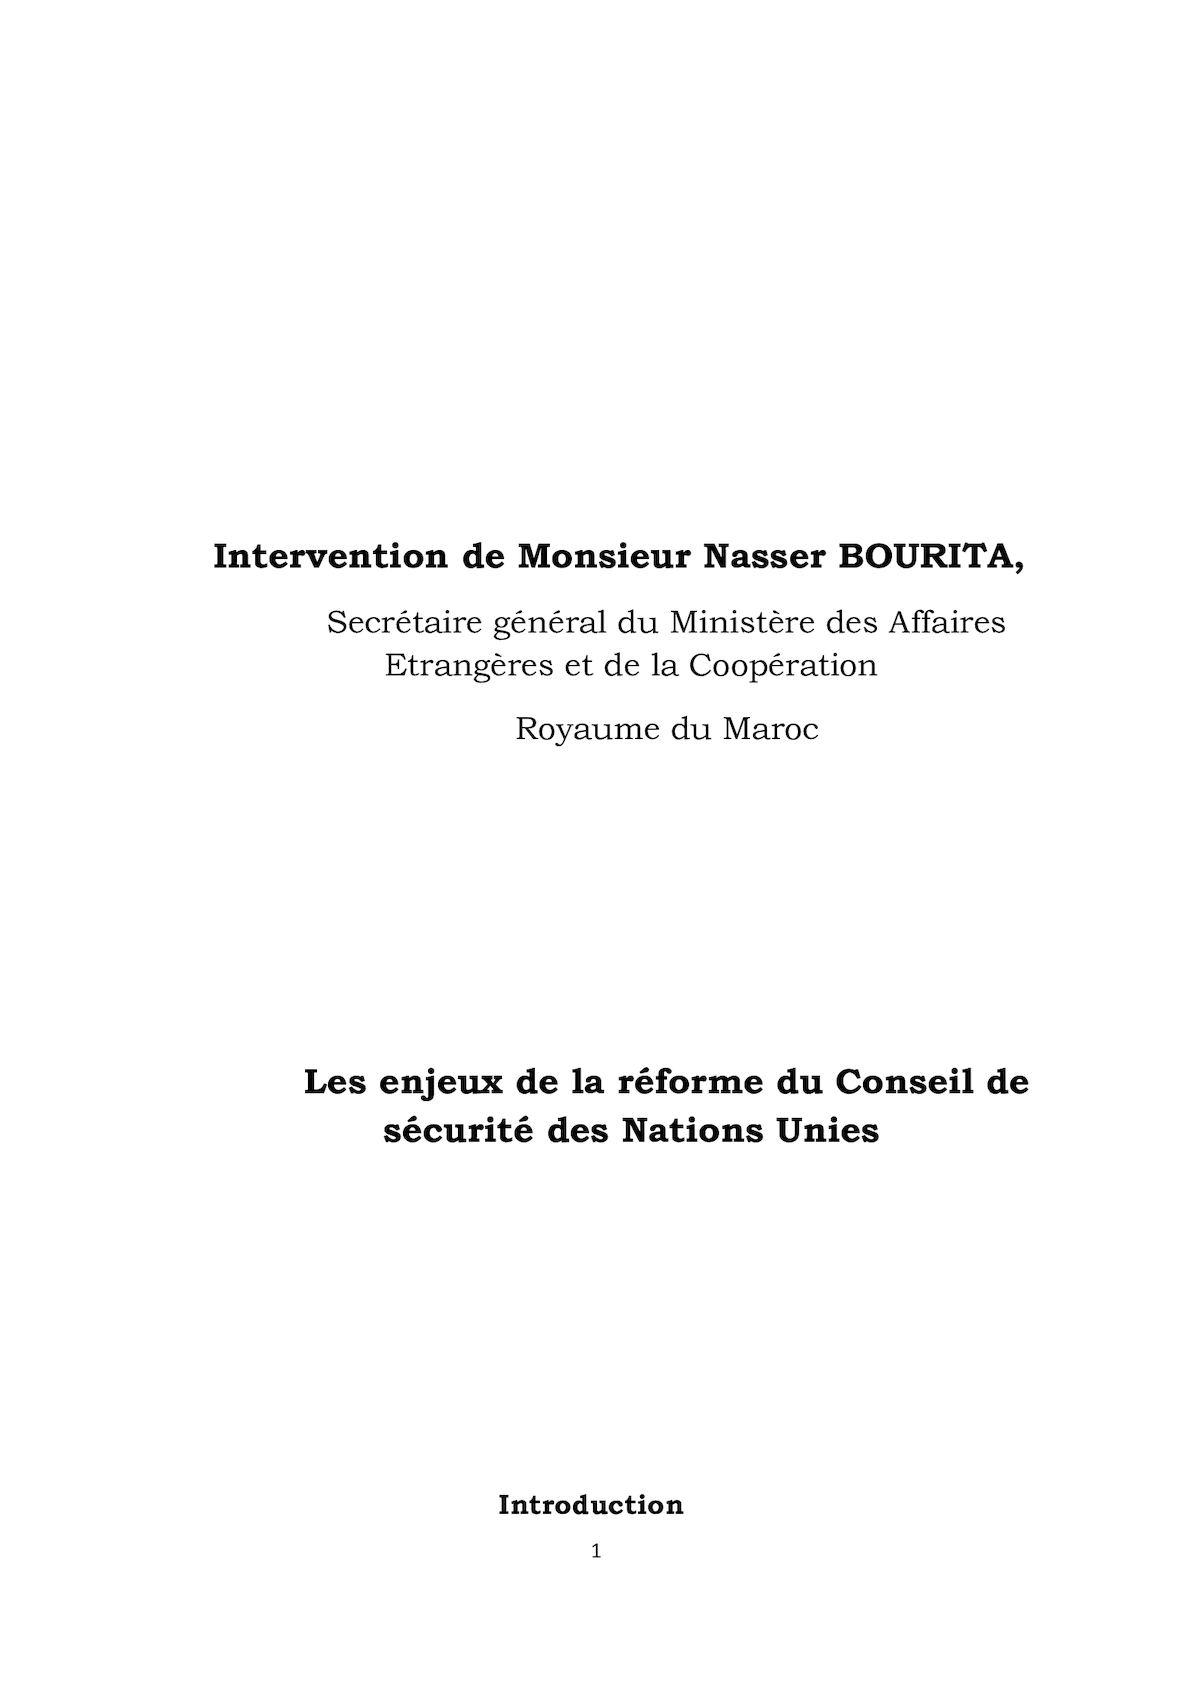 Présentation De Monsieur Le Secrétaire Général Sur La Réforme Du Conseil De Sécurité.